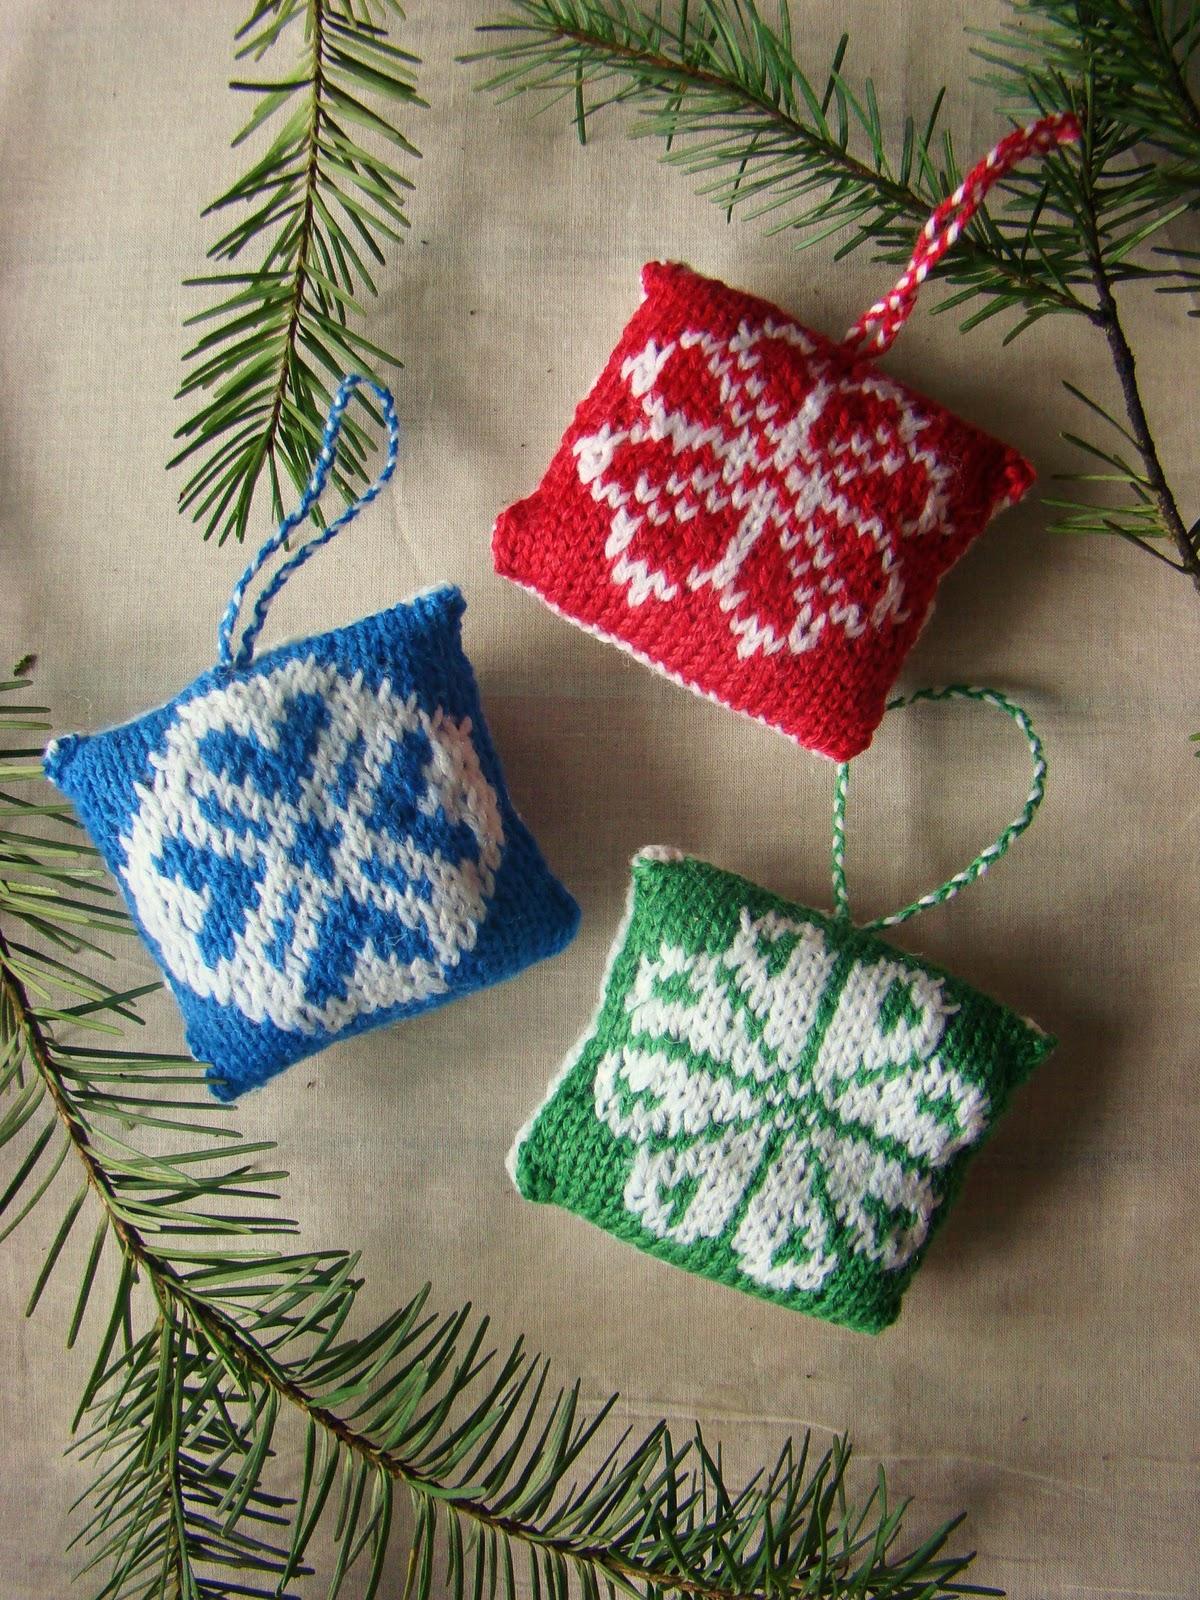 Knitting Holidays Shetland : Happy holidays fiona duthie